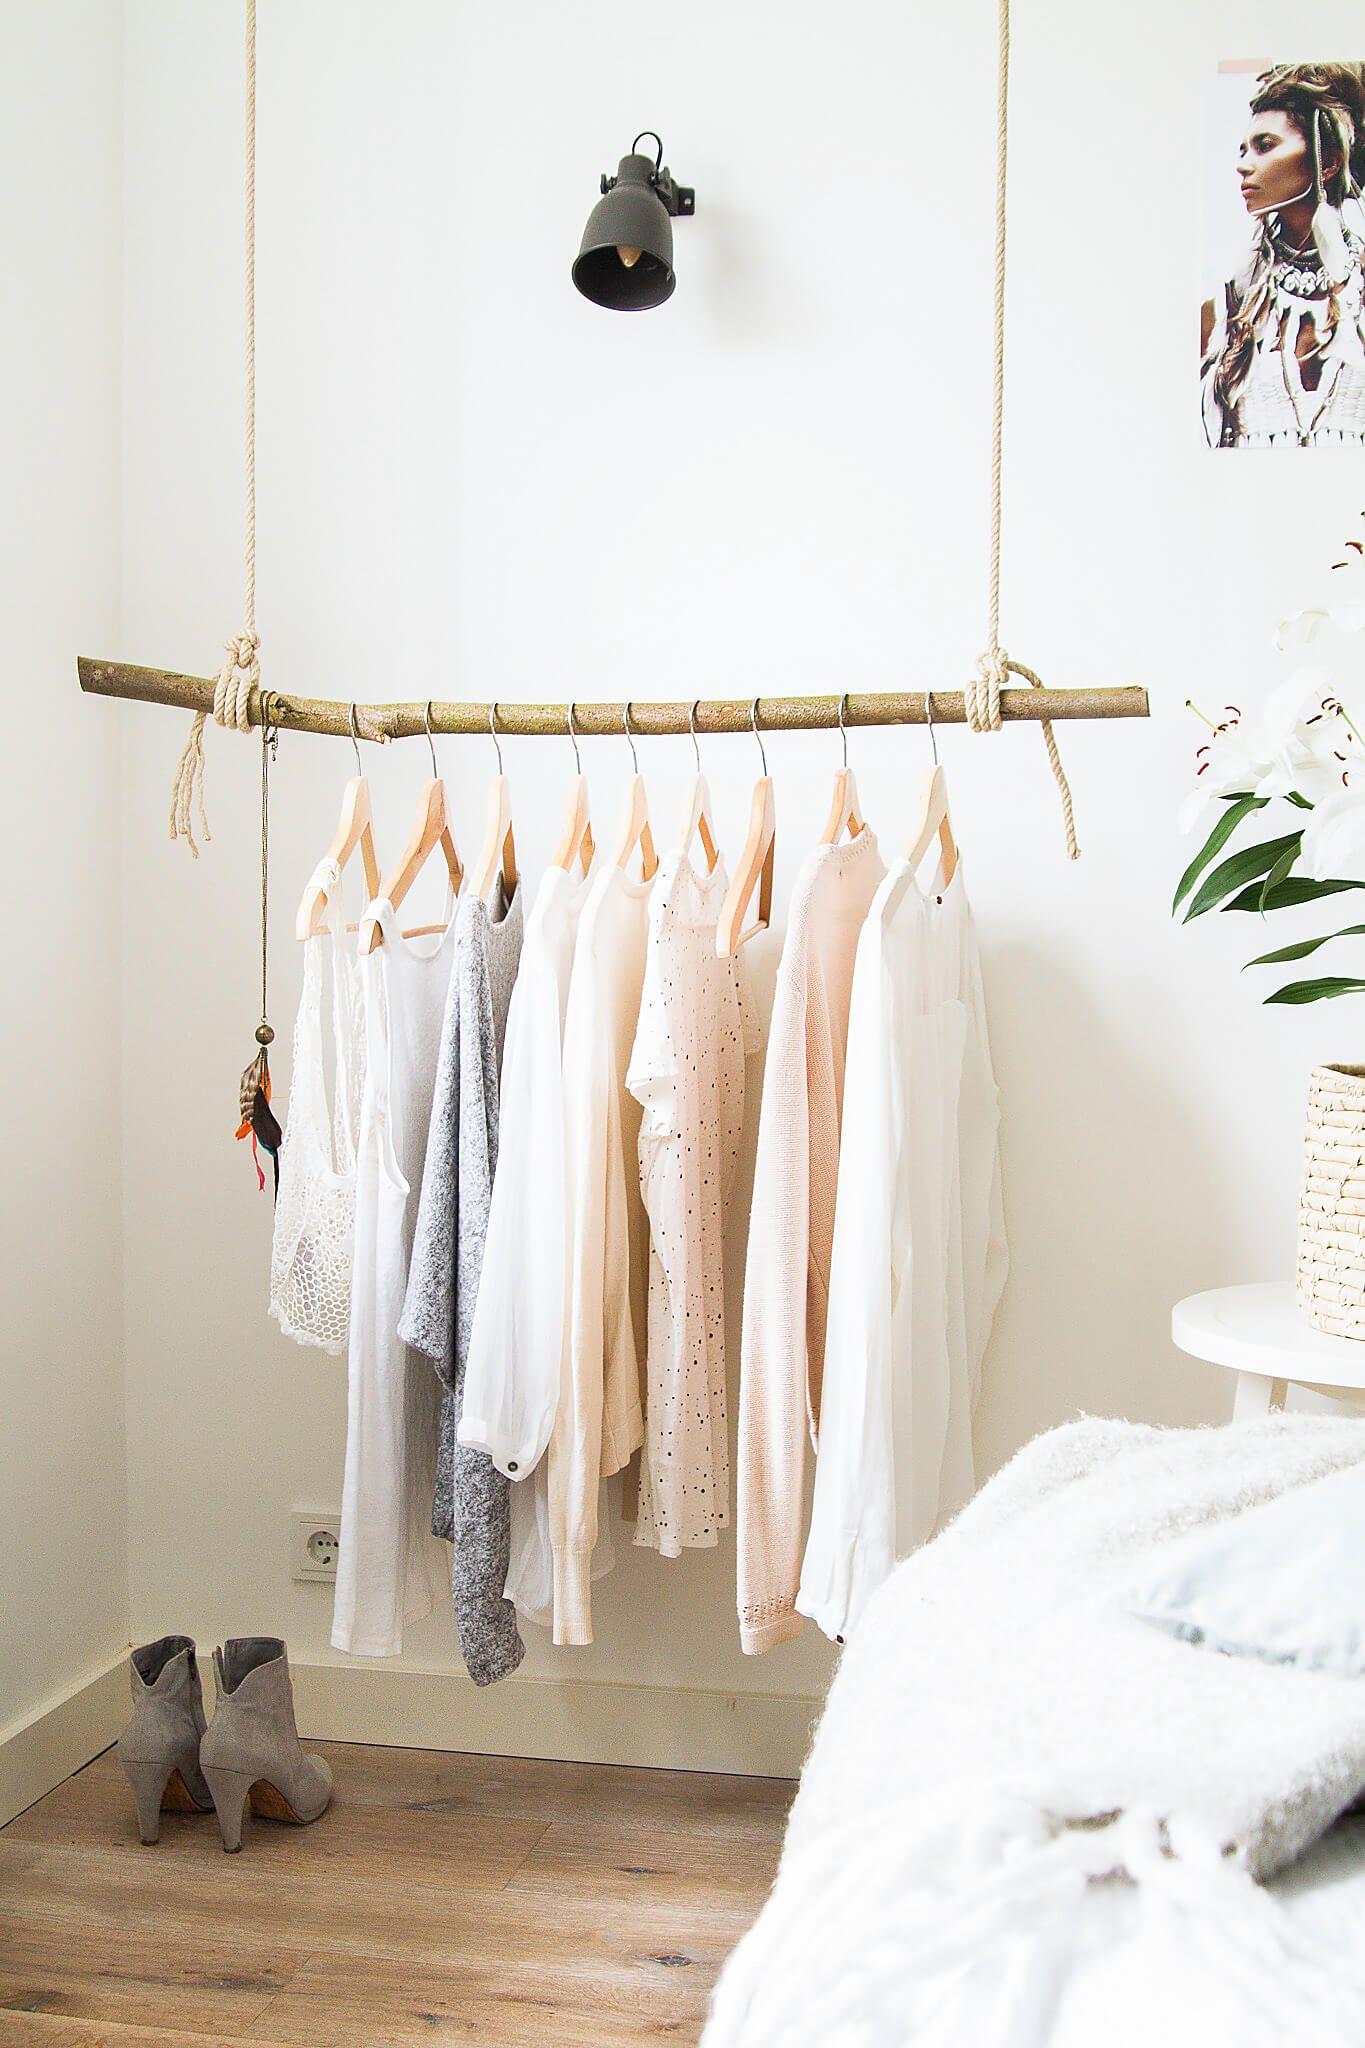 zelfgemaakt kledingrek easy peasy amber loves design hangkleding droom slaapkamer